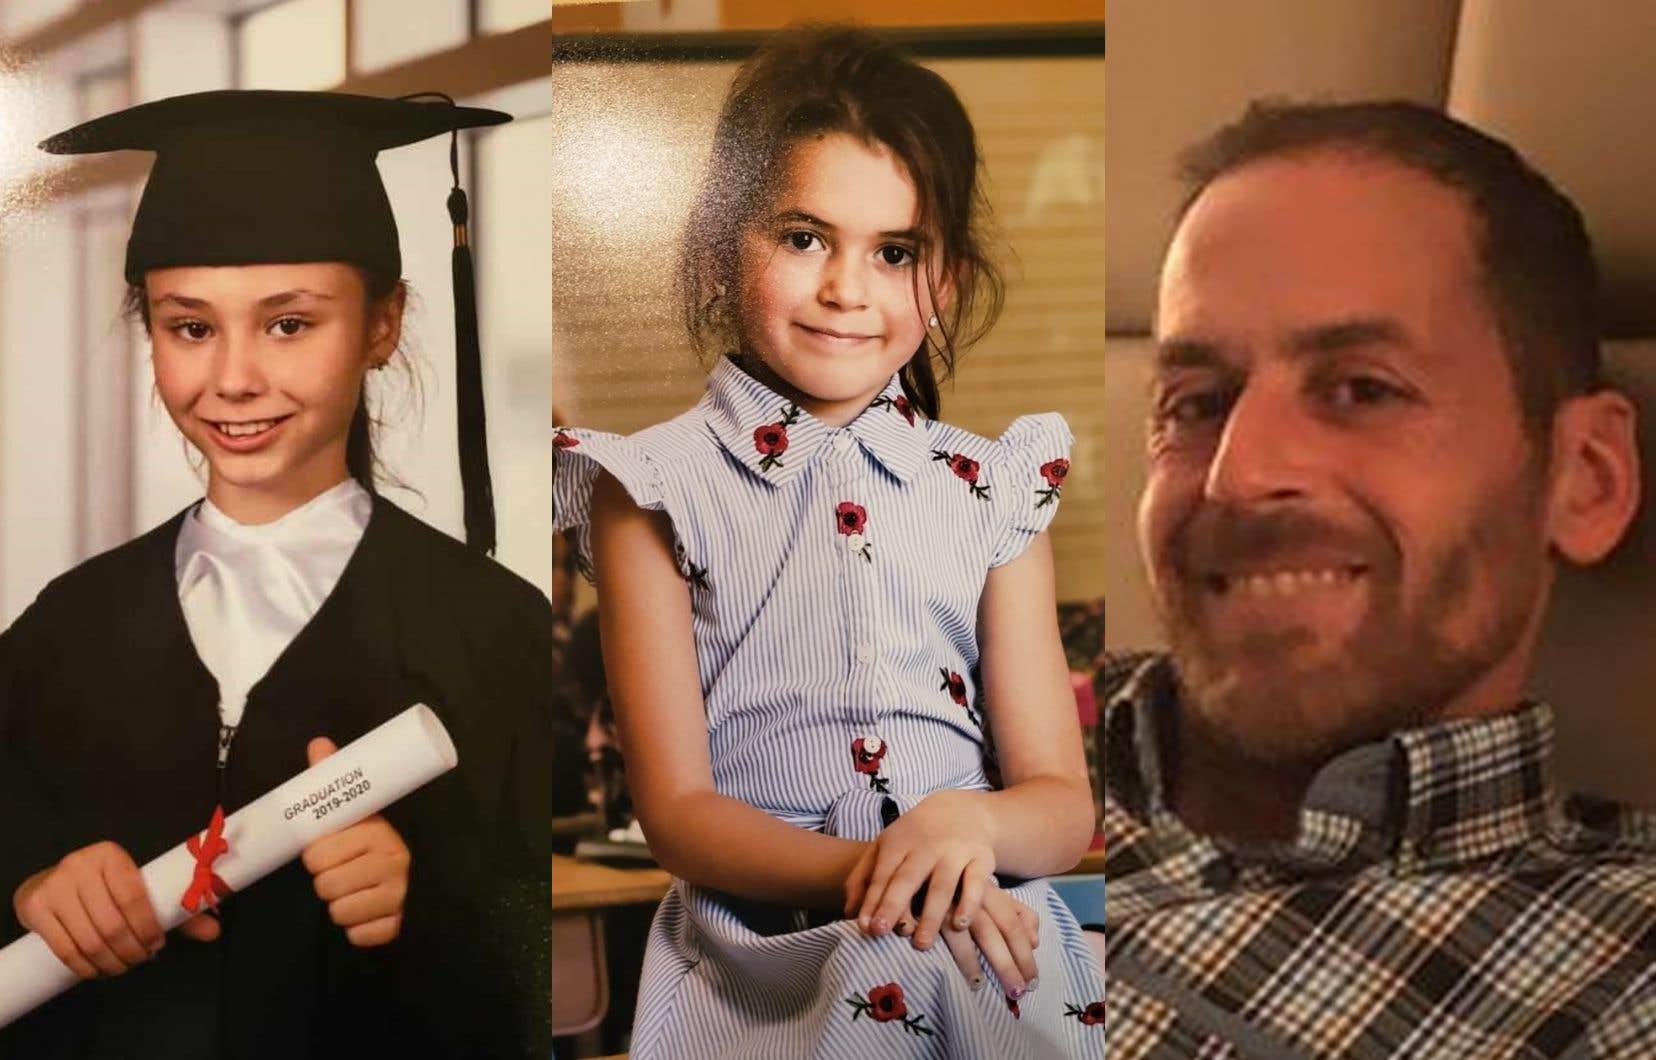 Les deux enfants disparues, Norah et Romy Carpentier, 11 et 6 ans, et le suspect,Martin Carpentier, 44 ans.